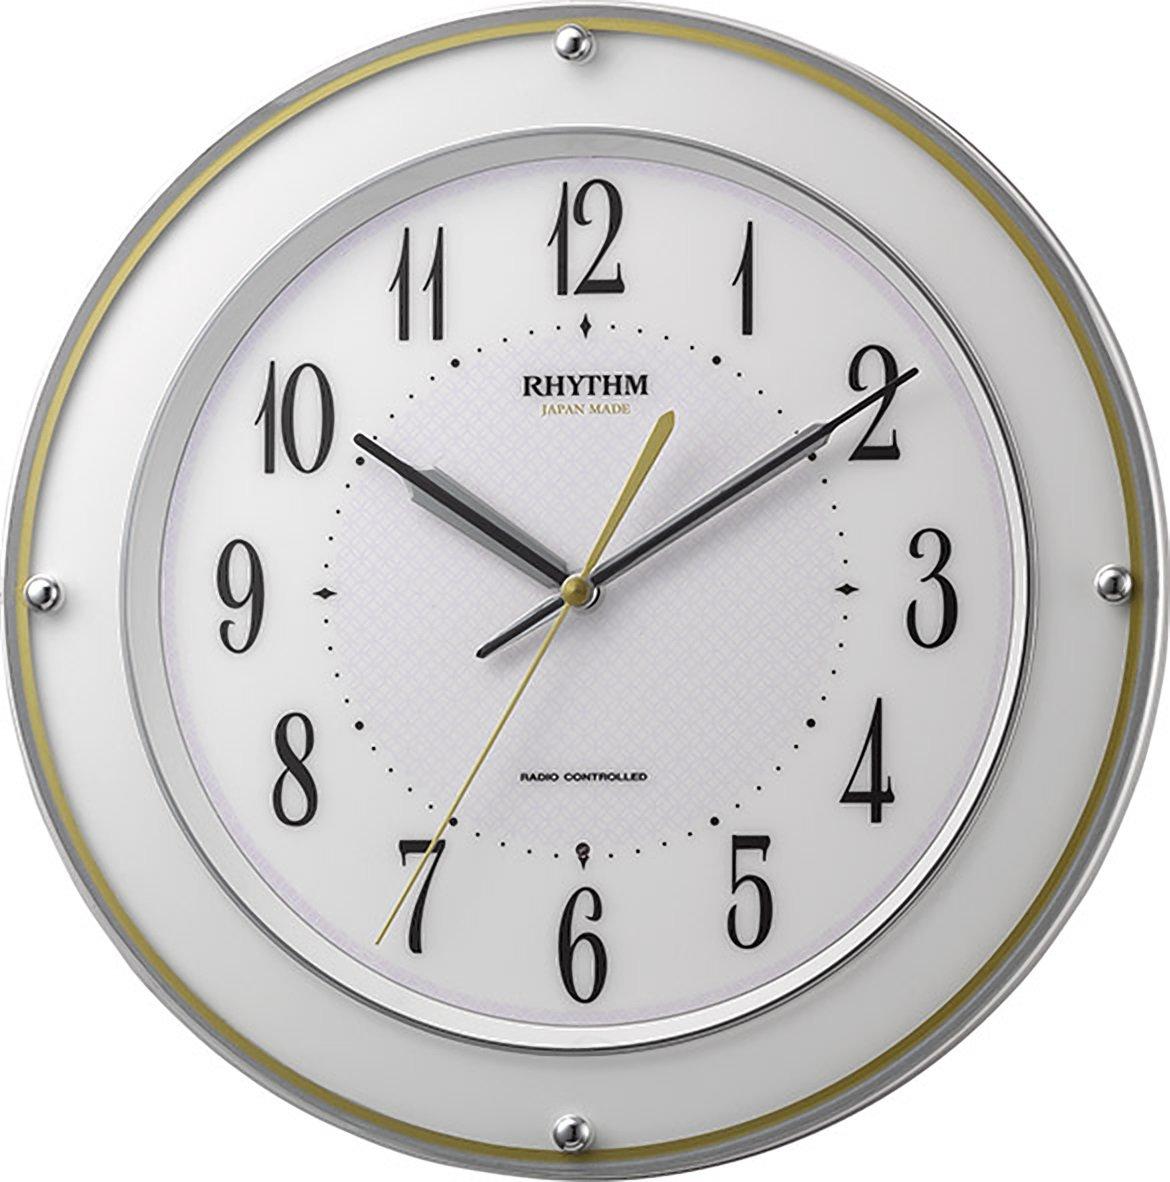 リズム時計 掛け時計 電波 アナログ ミレディサヤカ 【 日本製 】 連続秒針 白 RHYTHM 8MY510SR03 B01LY8L6JK